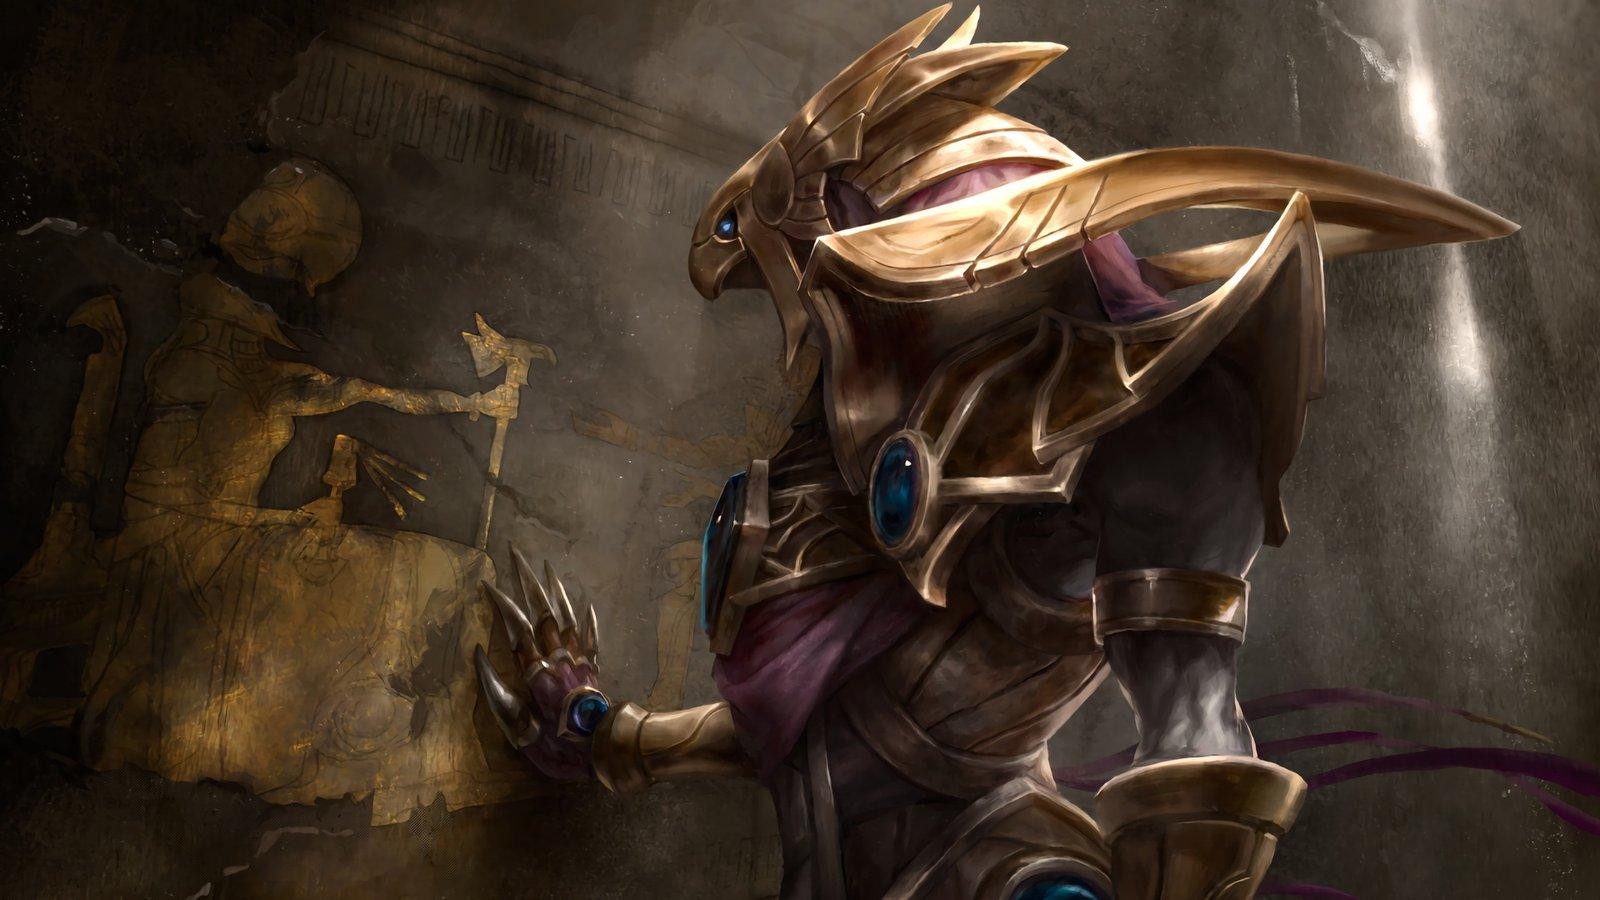 Azir League Of Legends Wallpapers HD 1920x1080 1